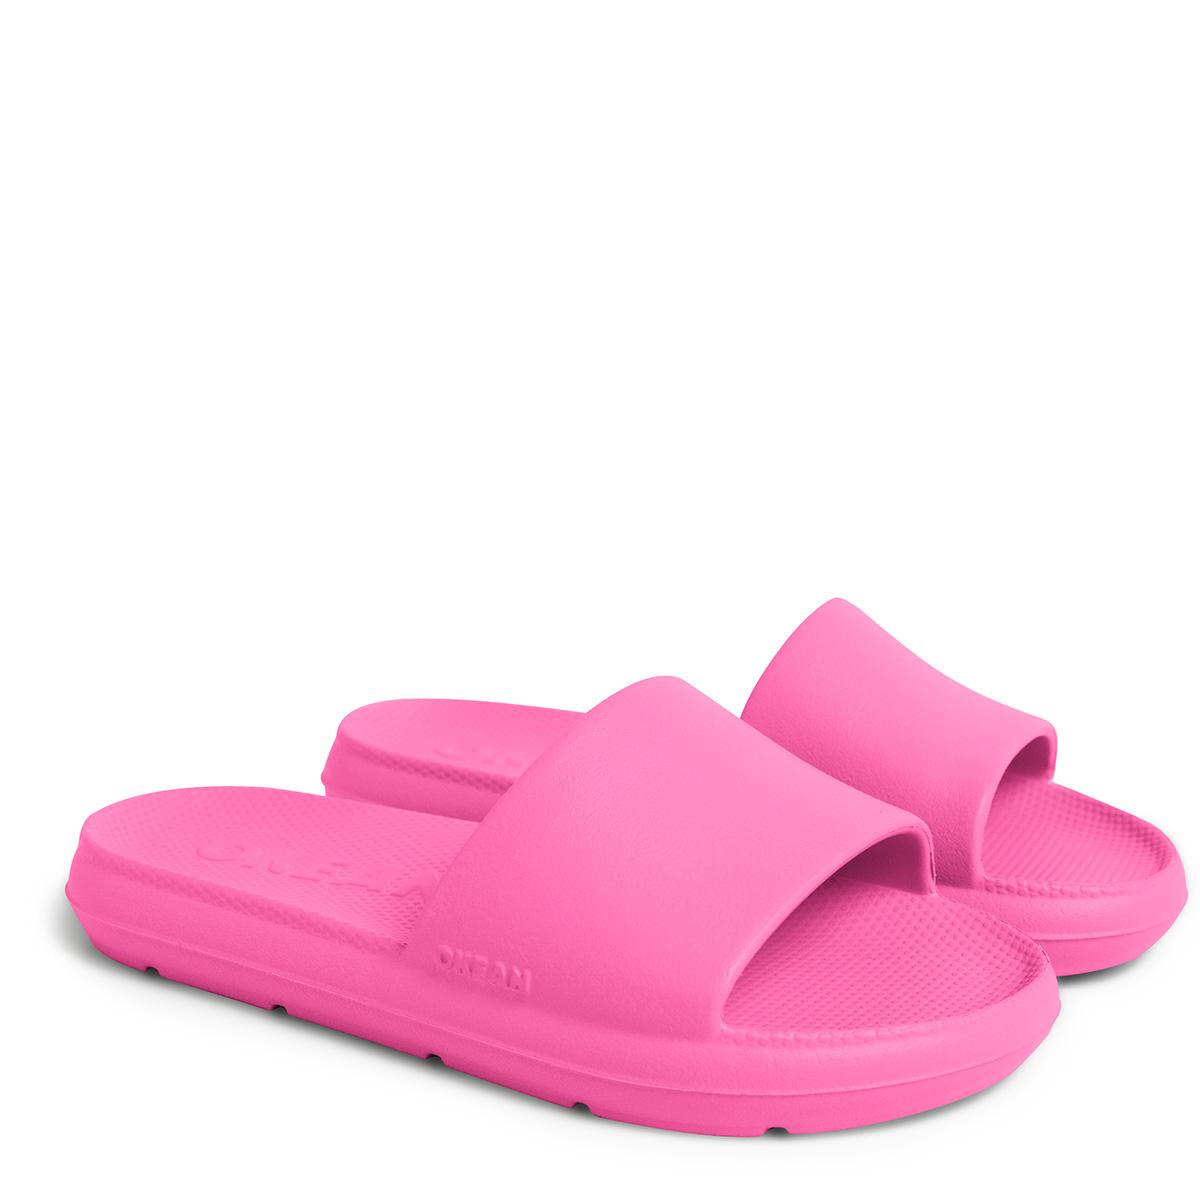 Chinelo Slide Infantil Okean Rosa Pink K0008